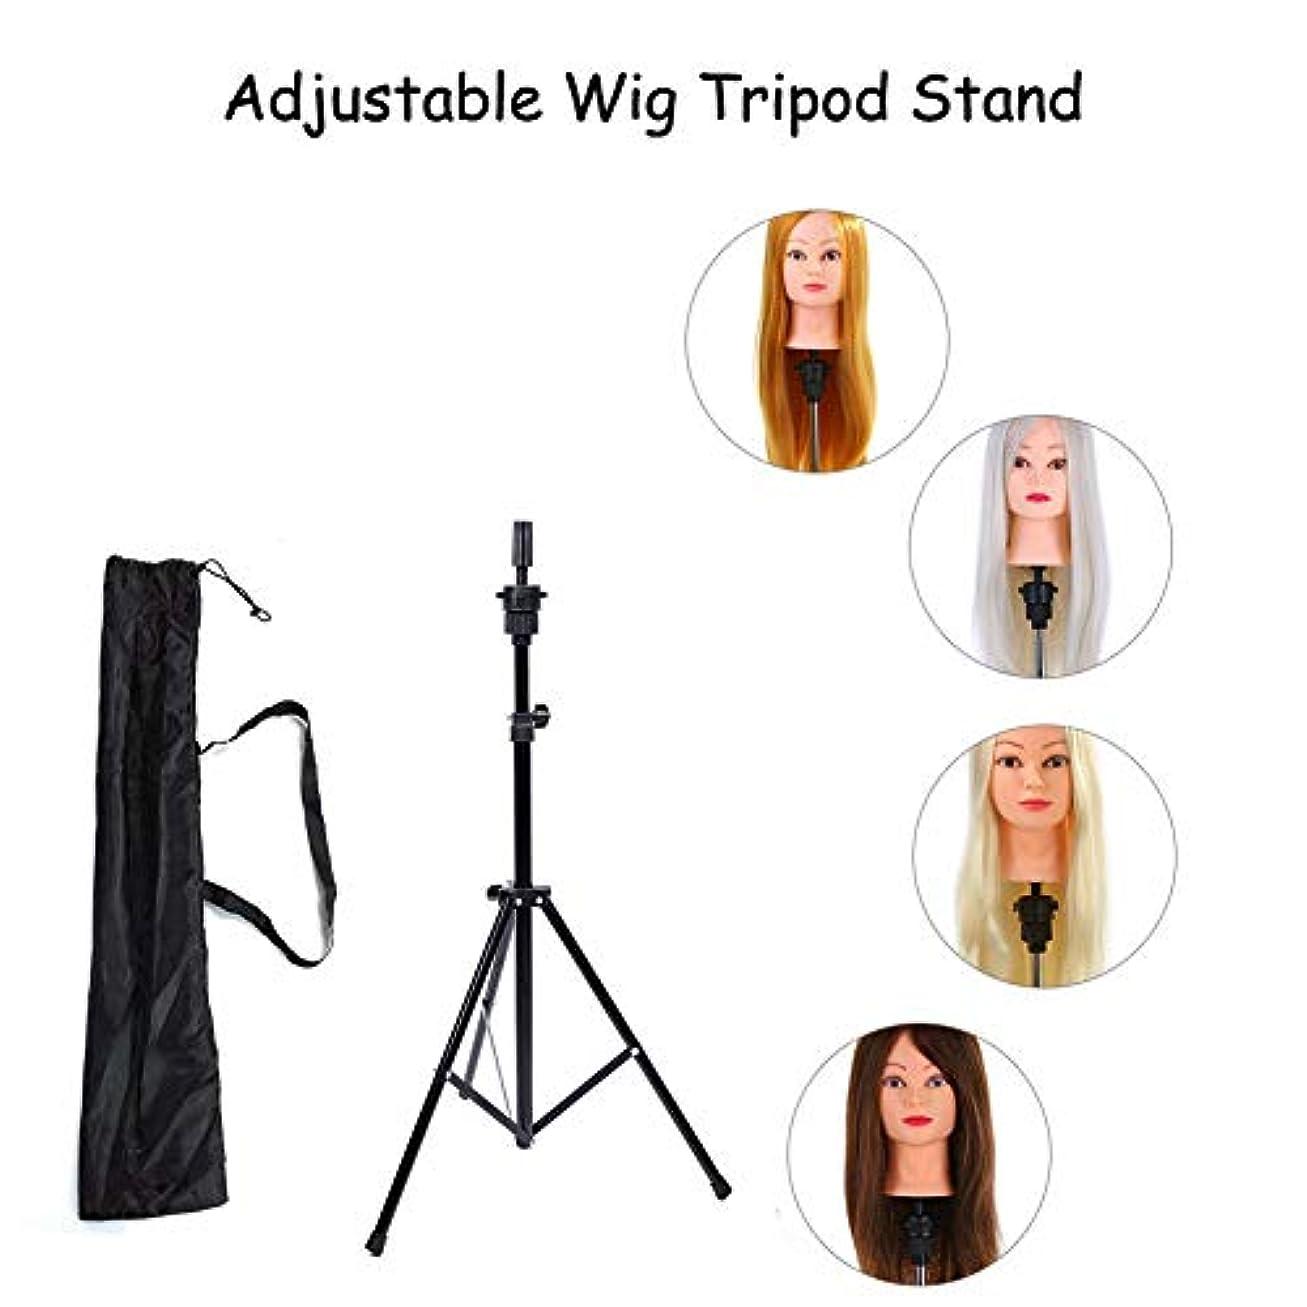 レスリング植物学者一元化するマネキンウィッグヘッド三脚スタンド調節可能な美容トレーニング人形ヘッドホルダー用理髪かつらスタンド付きキャリーバッグ